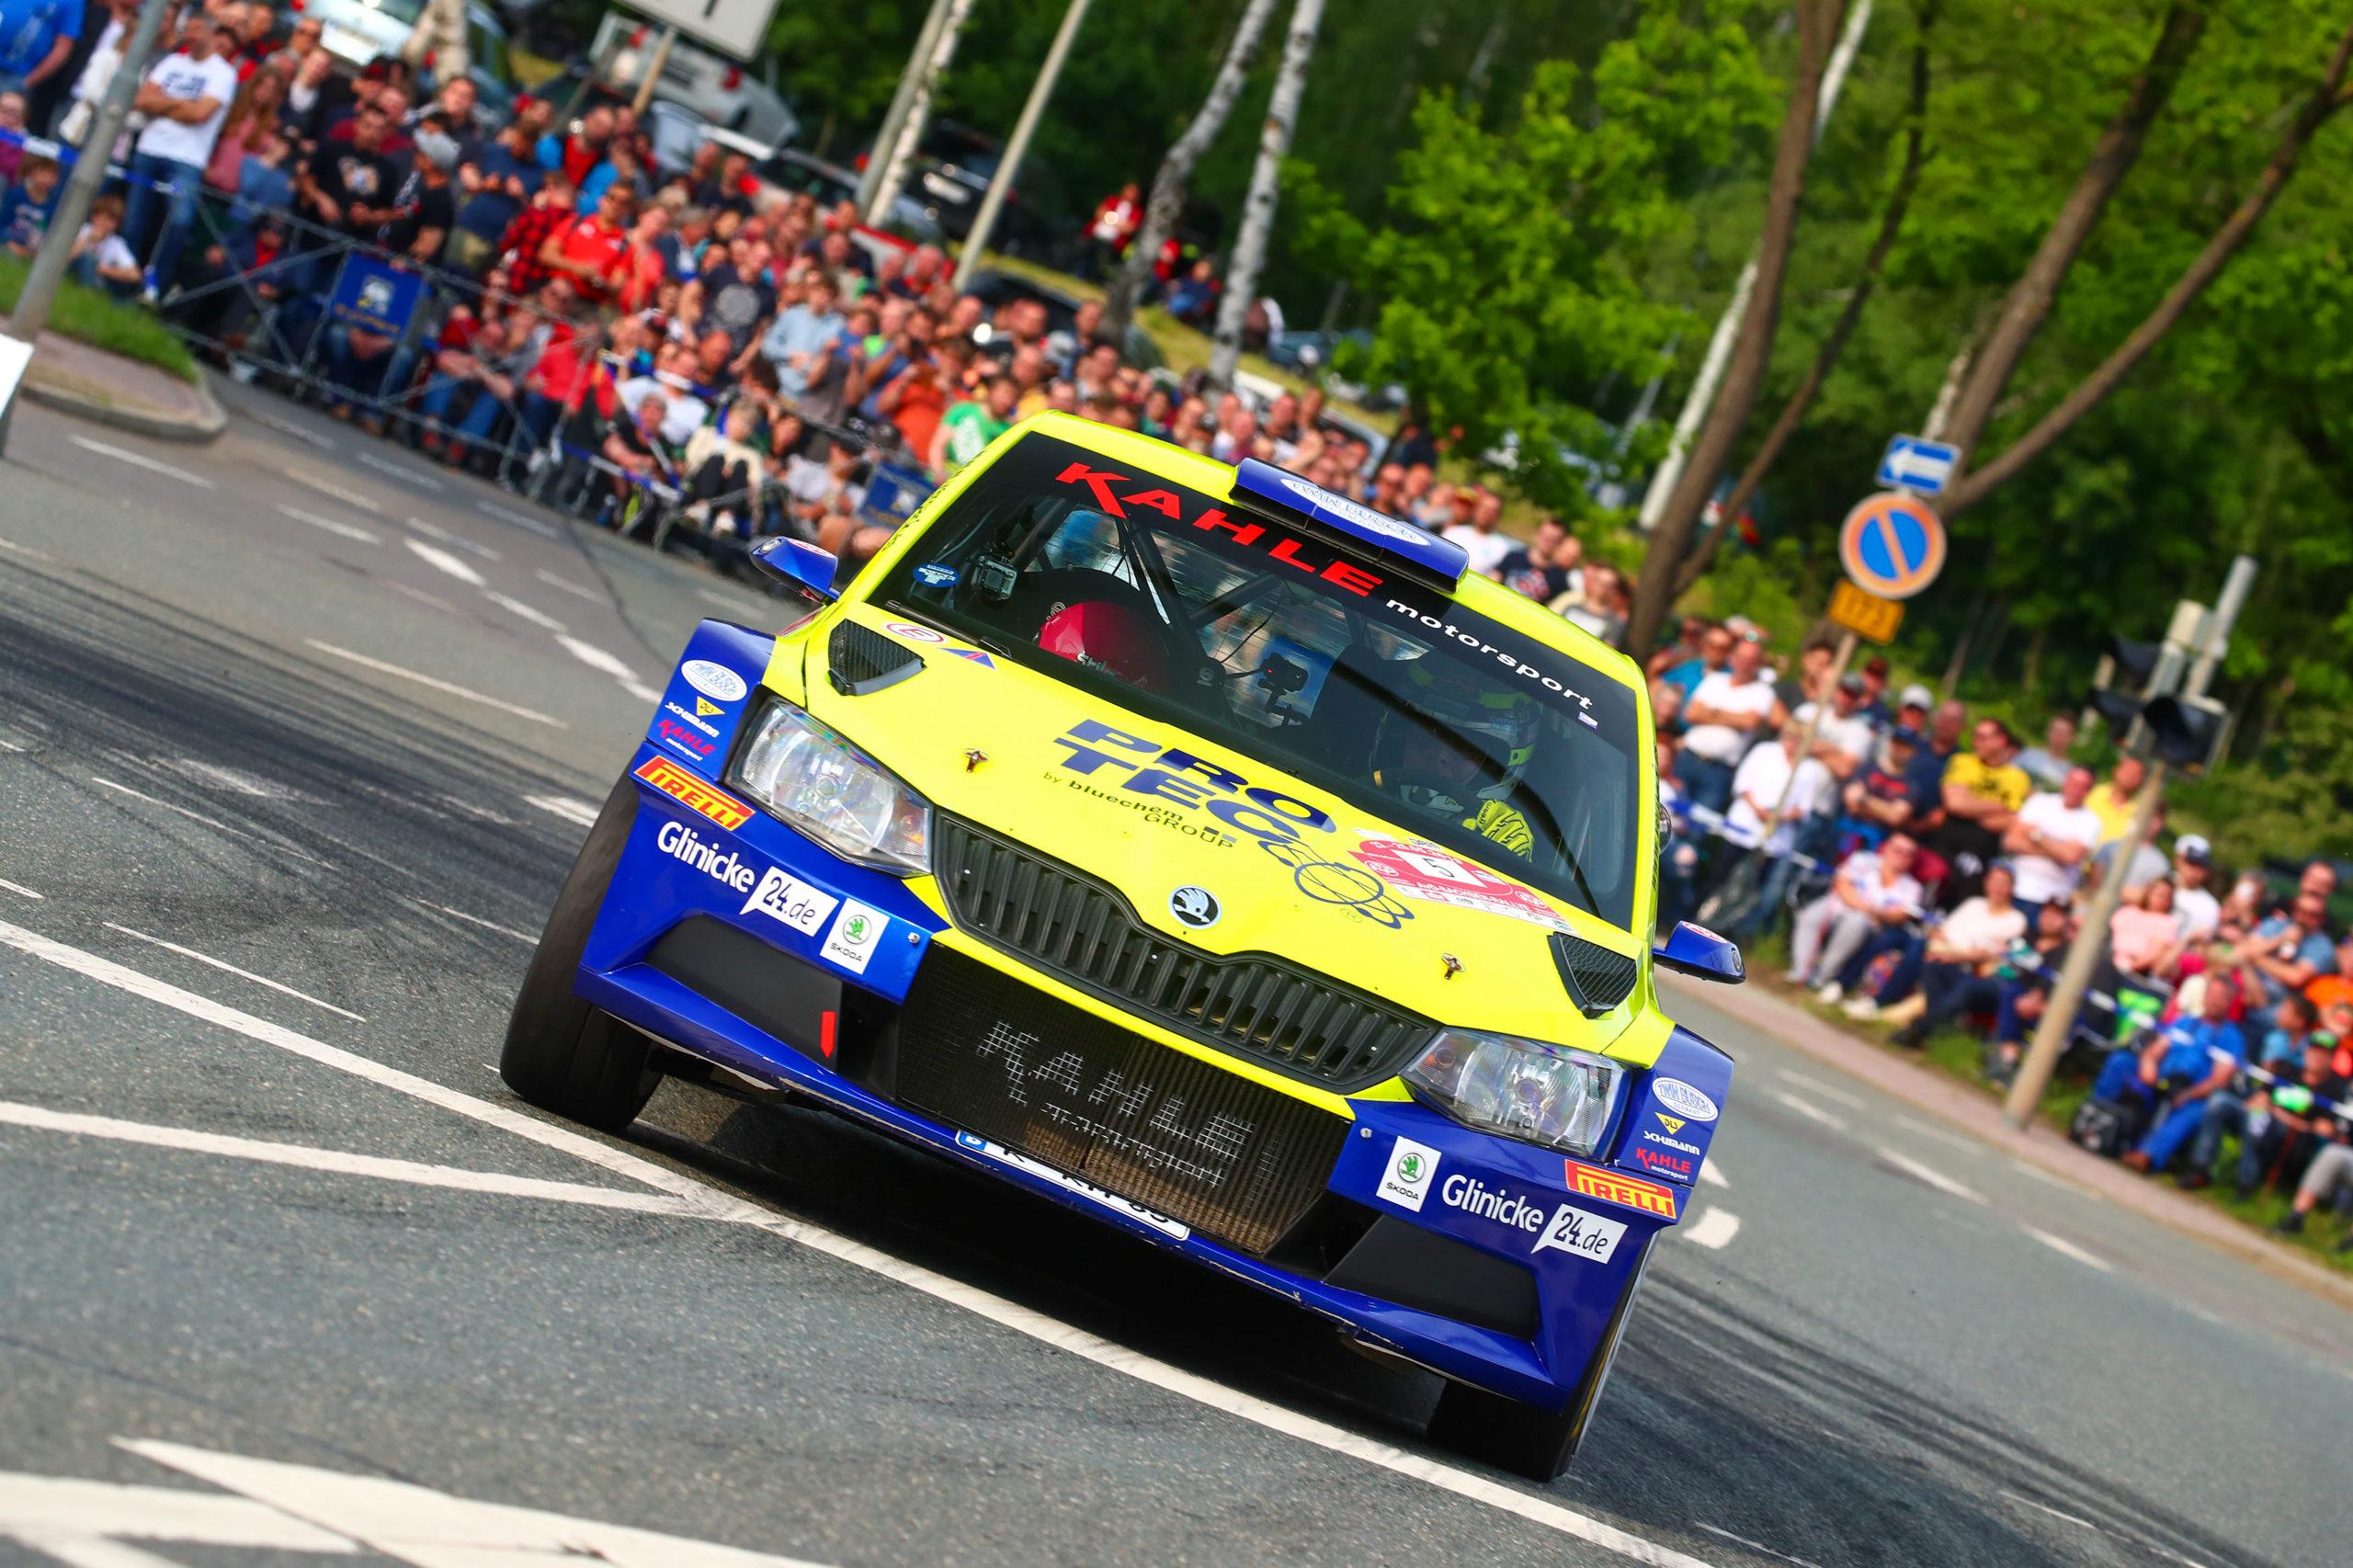 ADAC Cimbern Rallye wird Lauf der Deutschen Rallye-Meisterschaft 2021